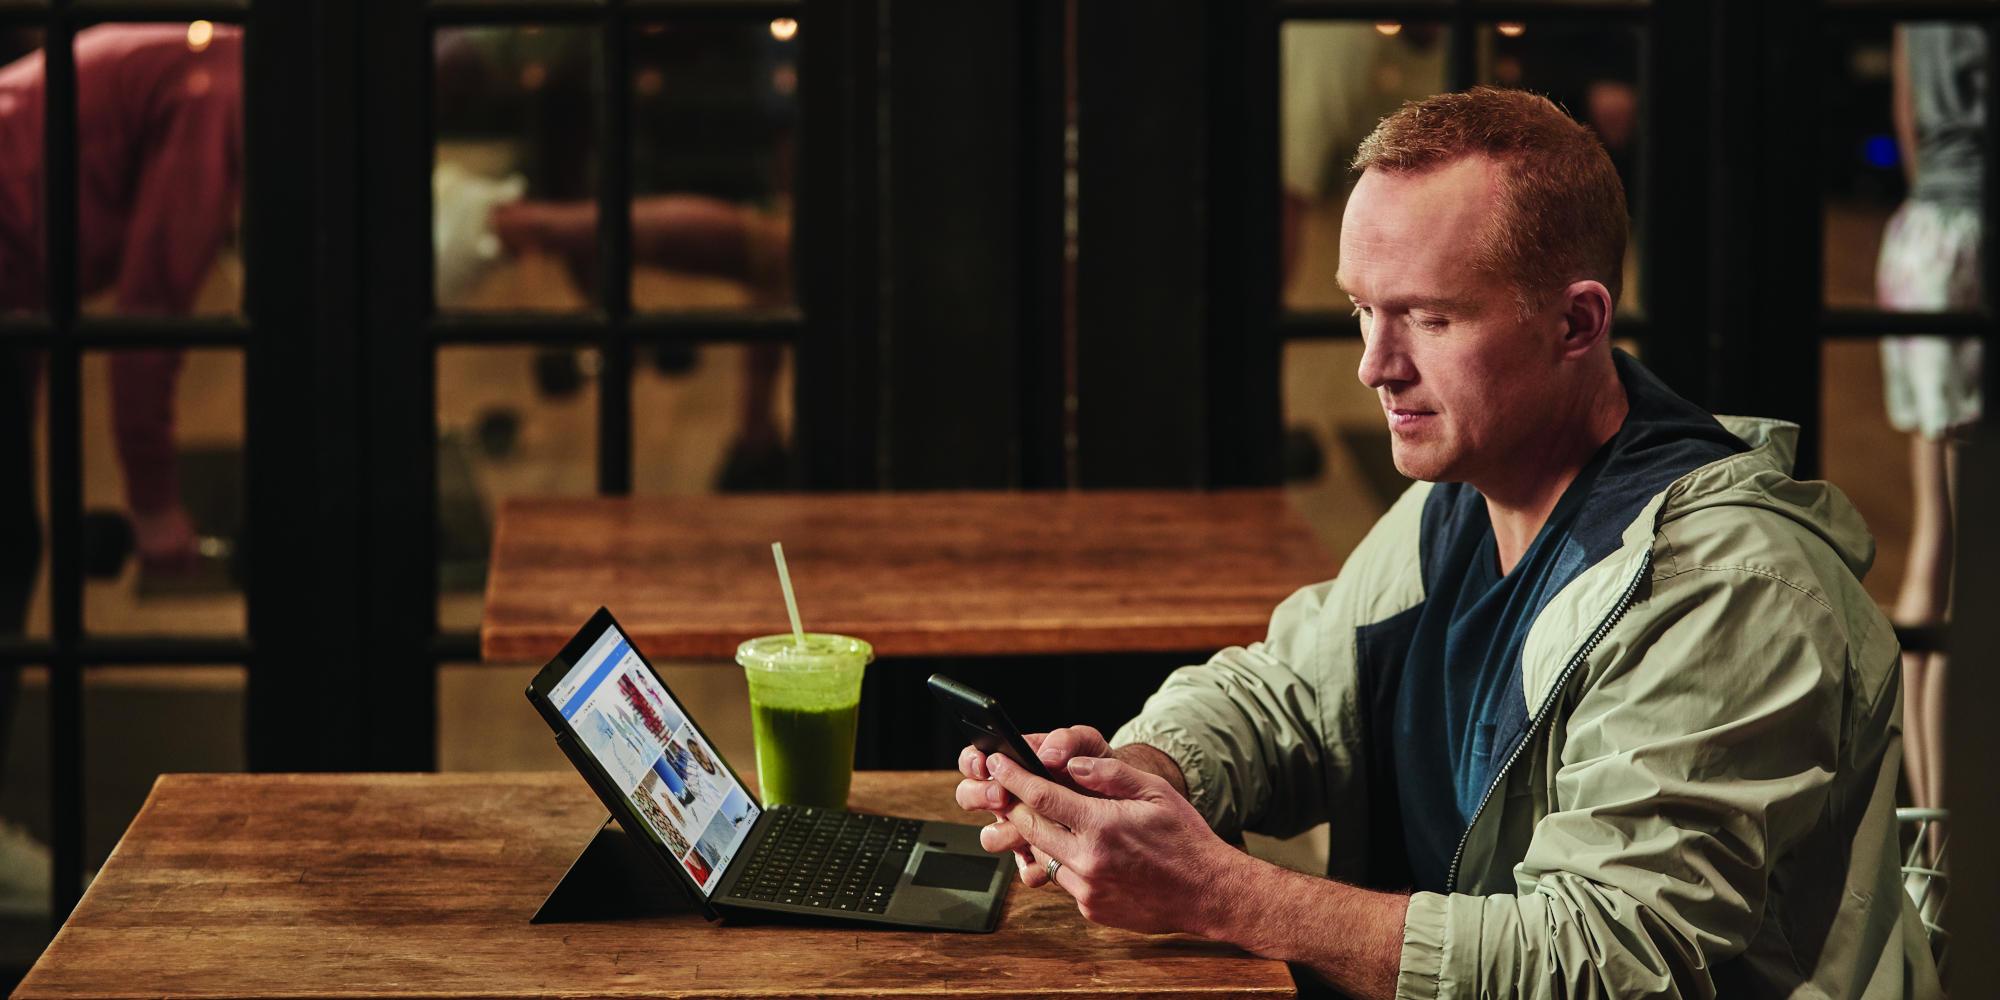 ein Mann, der an einem Tisch sitzt und einen Laptop benutzt